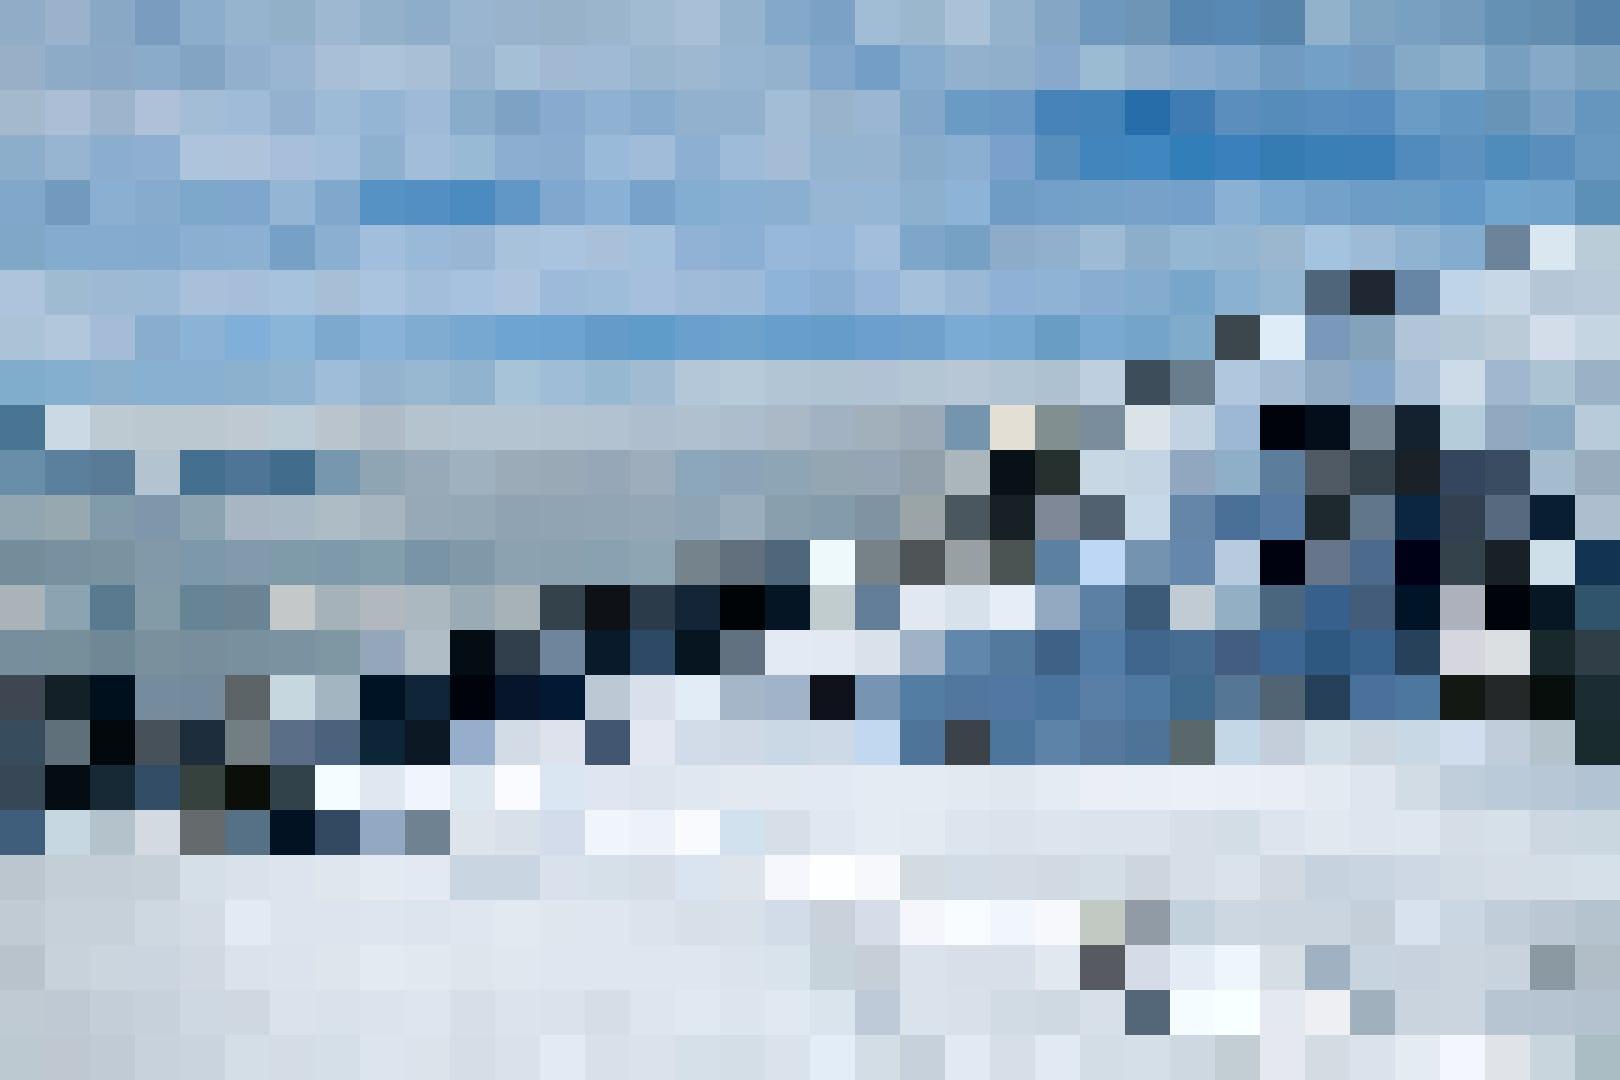 Es erwarten Sie traumhafte Landschaften und aussergewöhnliche Winter-Erlebnisse.